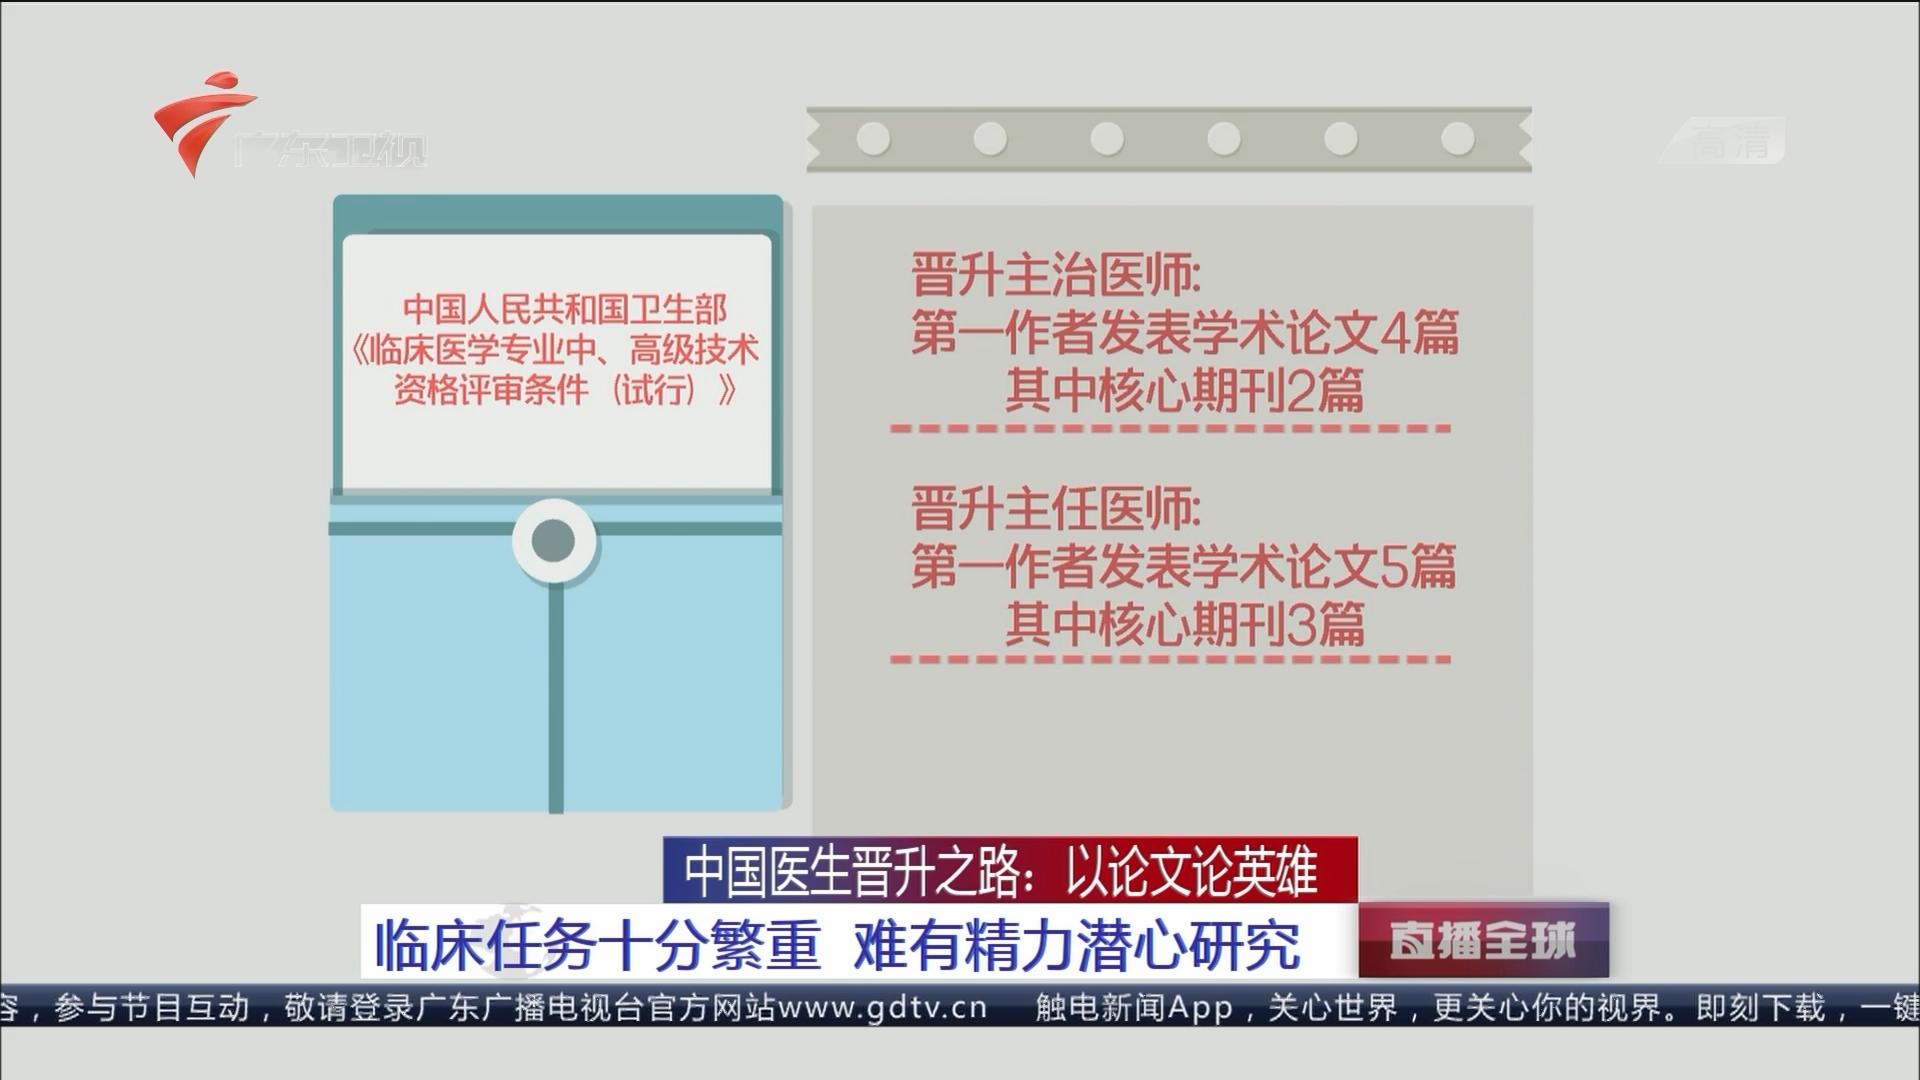 中国医生晋升之路:以论文轮英雄 临床任务十分繁重 难有精力潜心研究